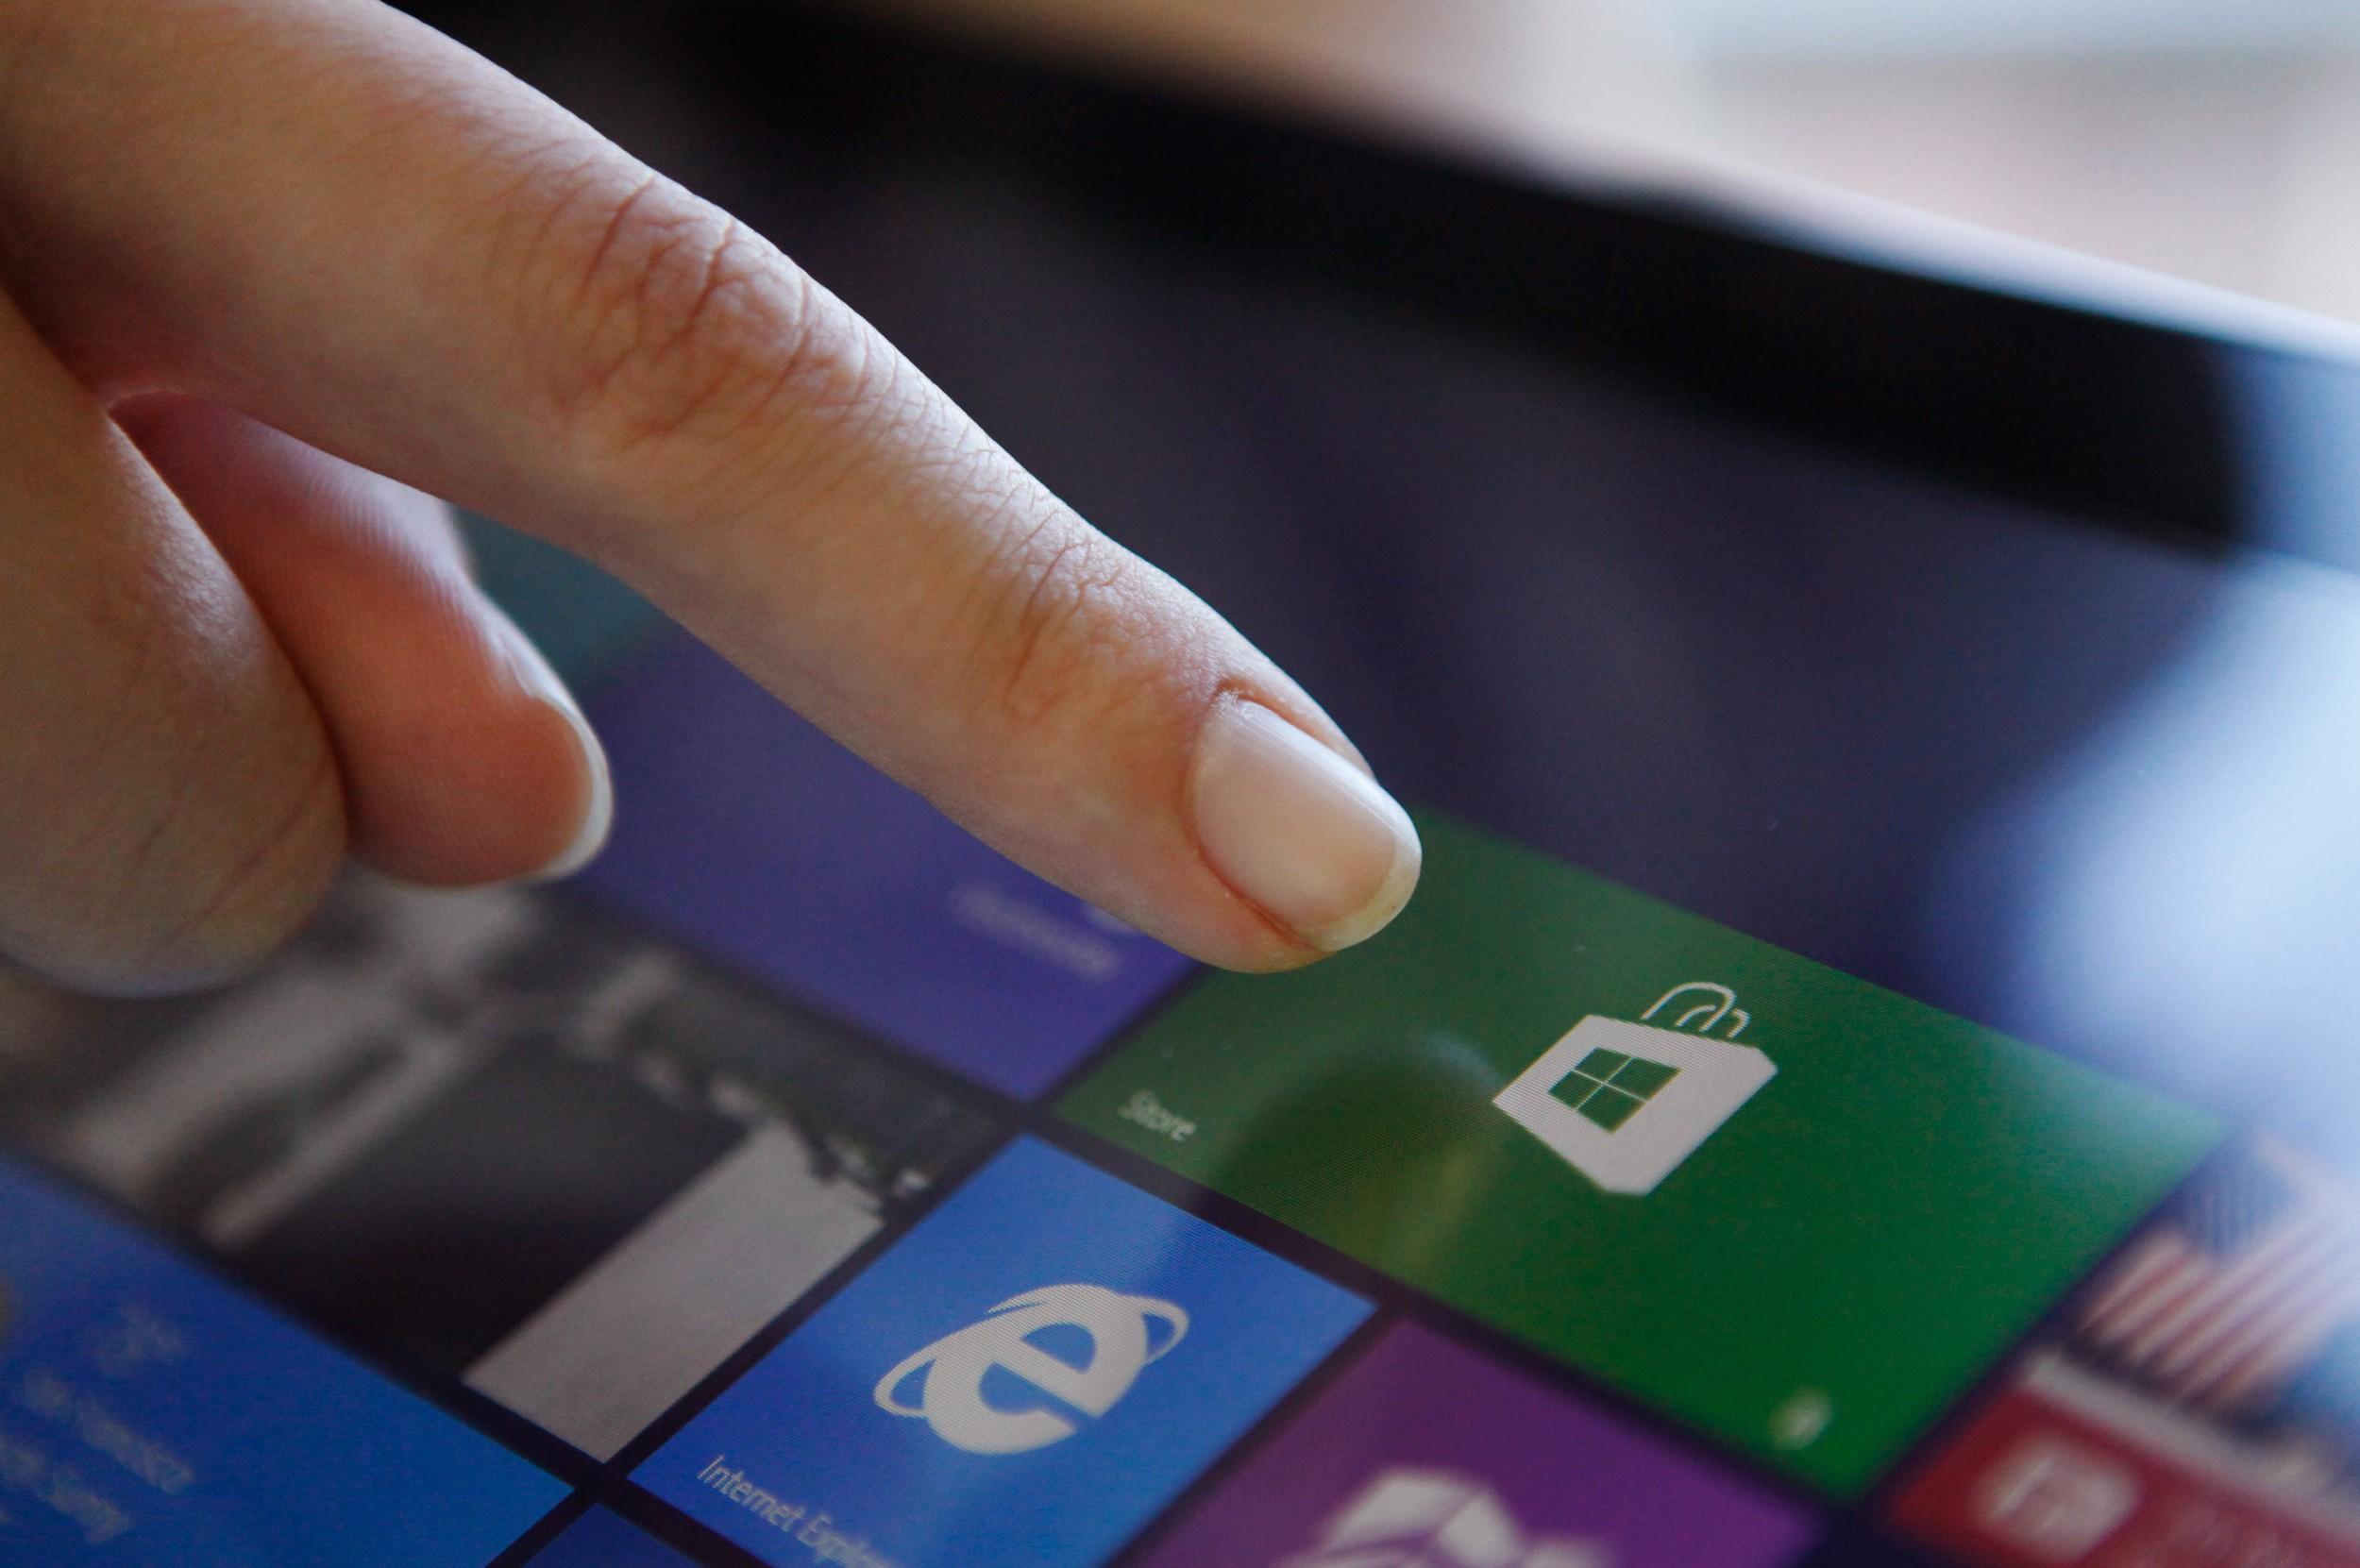 Юзеры Apple смогут оформить предзаказ приложений вApp Store